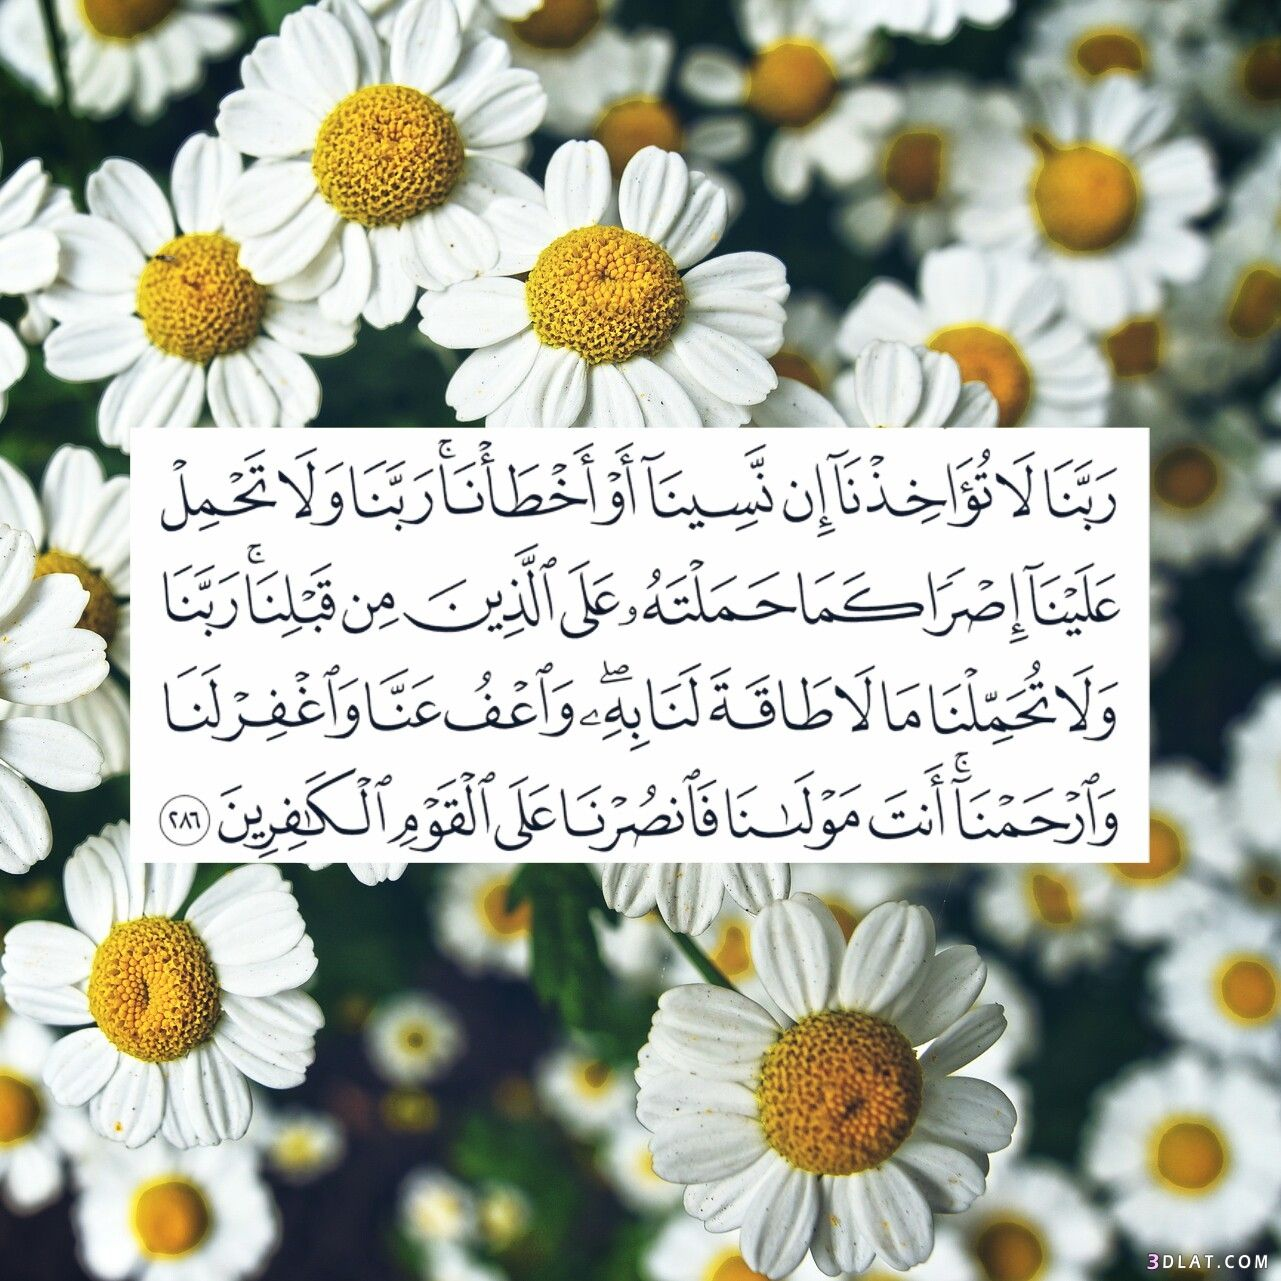 صور اسلامية جميلة جدا رمزيات اسلامية بطاقات اسلامية ادعية اسلامية